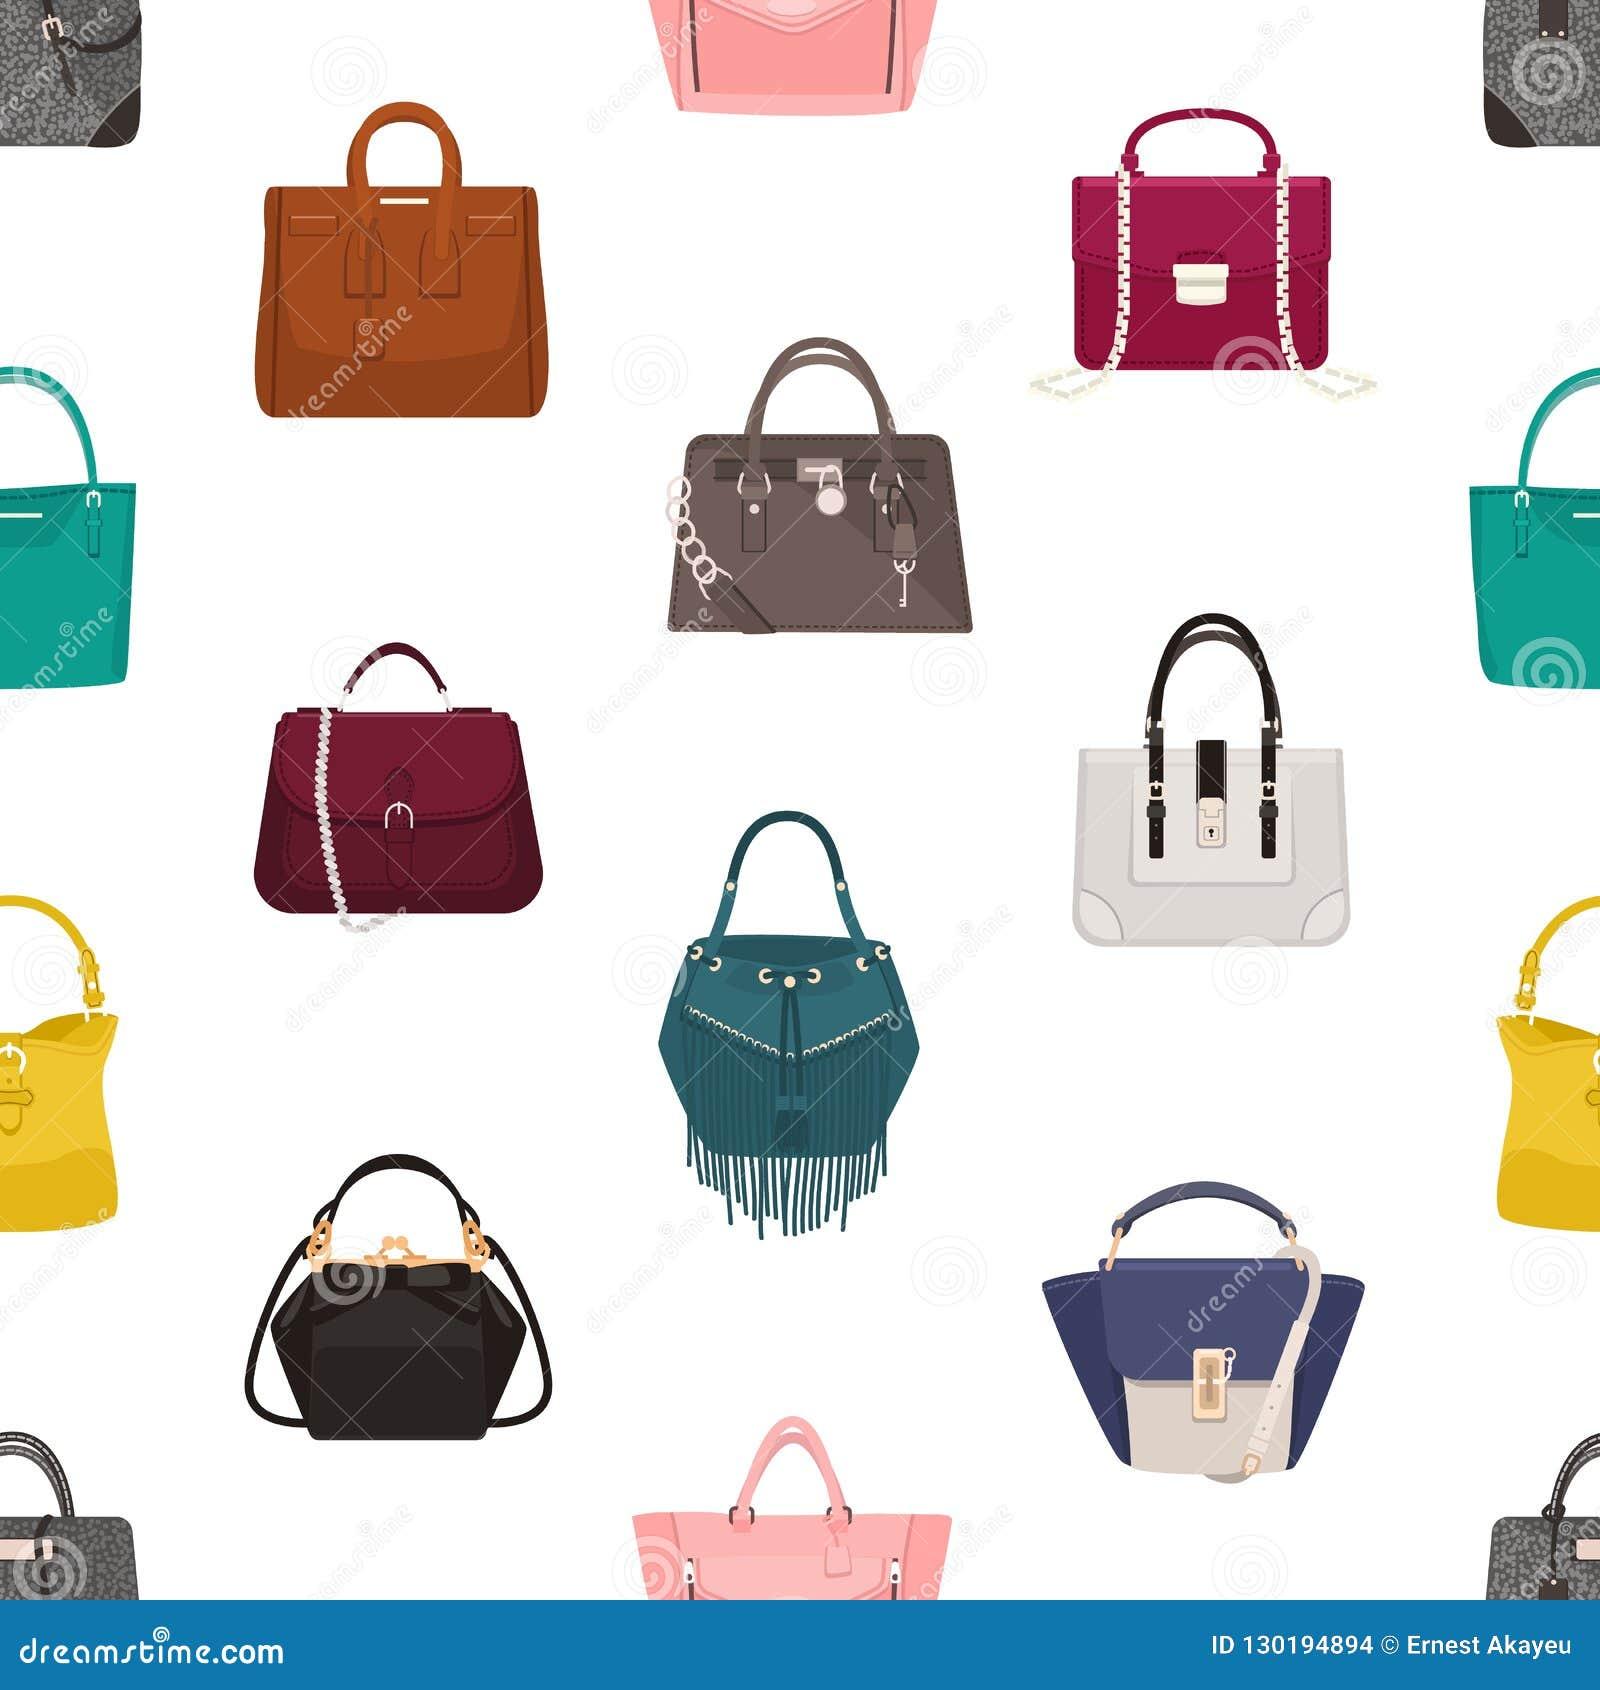 Modele Sans Couture A La Mode Avec Les Sacs Ou Les Sacs A Main Des Femmes Elegantes De Differents Modeles Sur Le Fond Blanc Conte Illustration De Vecteur Illustration Du Femmes